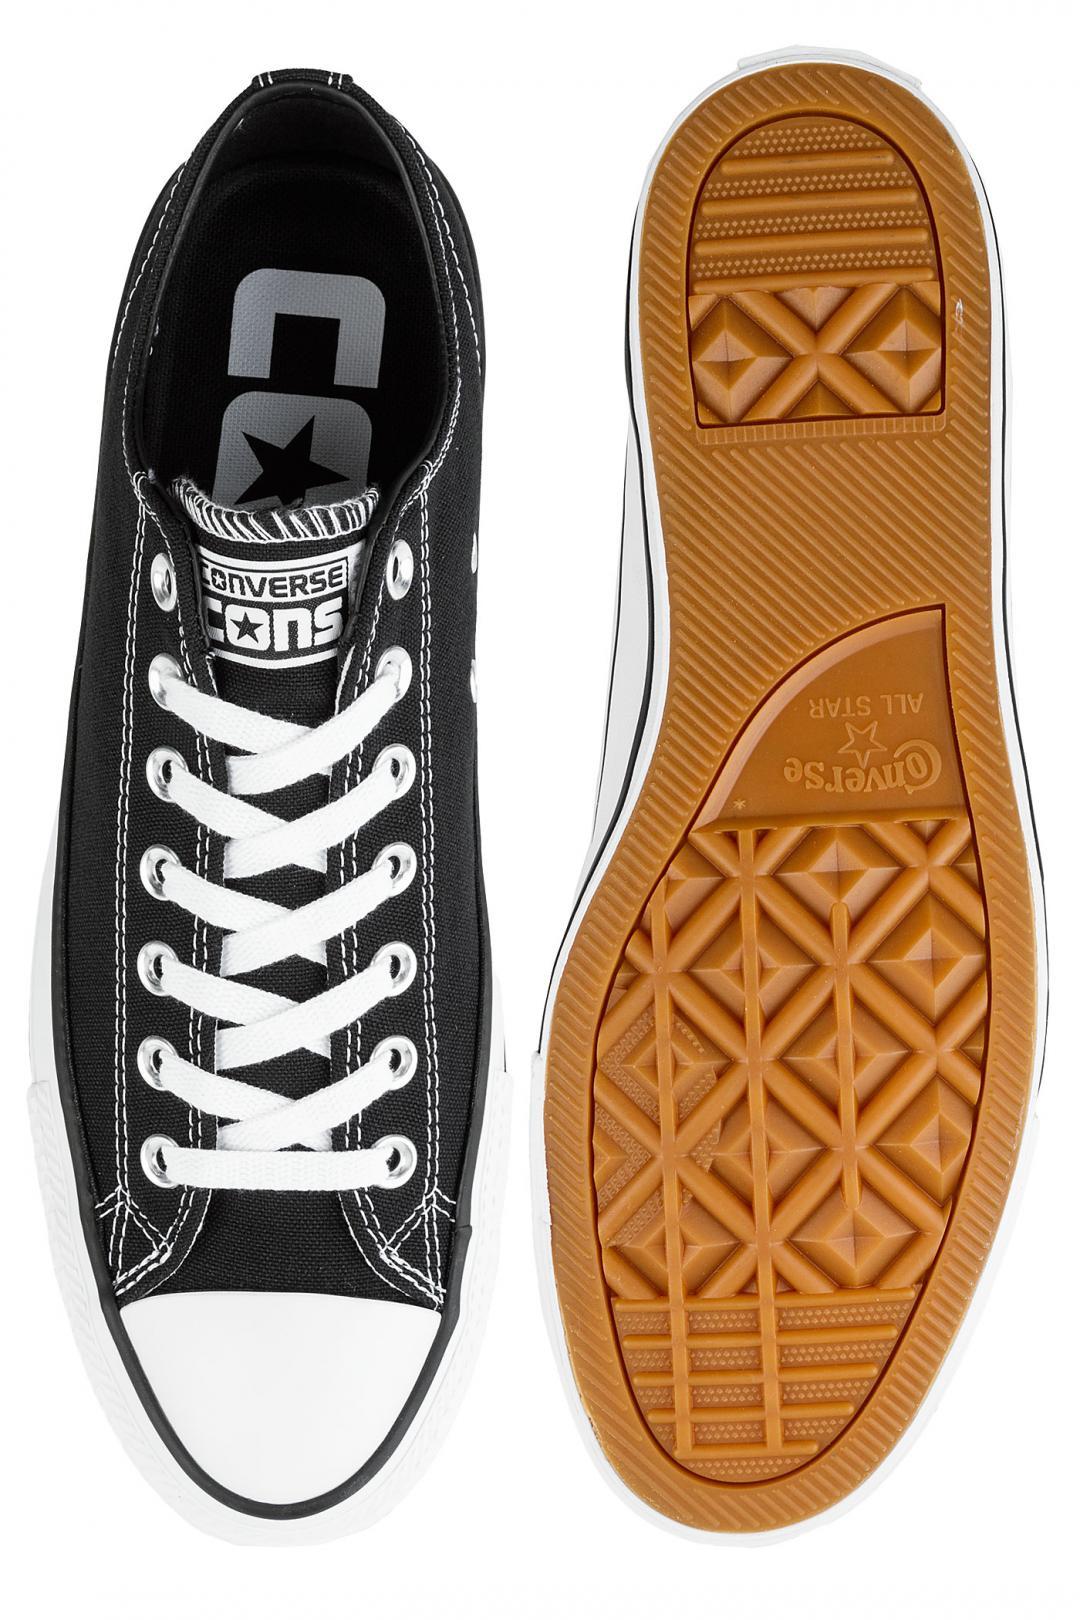 Uomo Converse CONS Chuck Taylor All Star Pro Ox black black white white | Sneaker